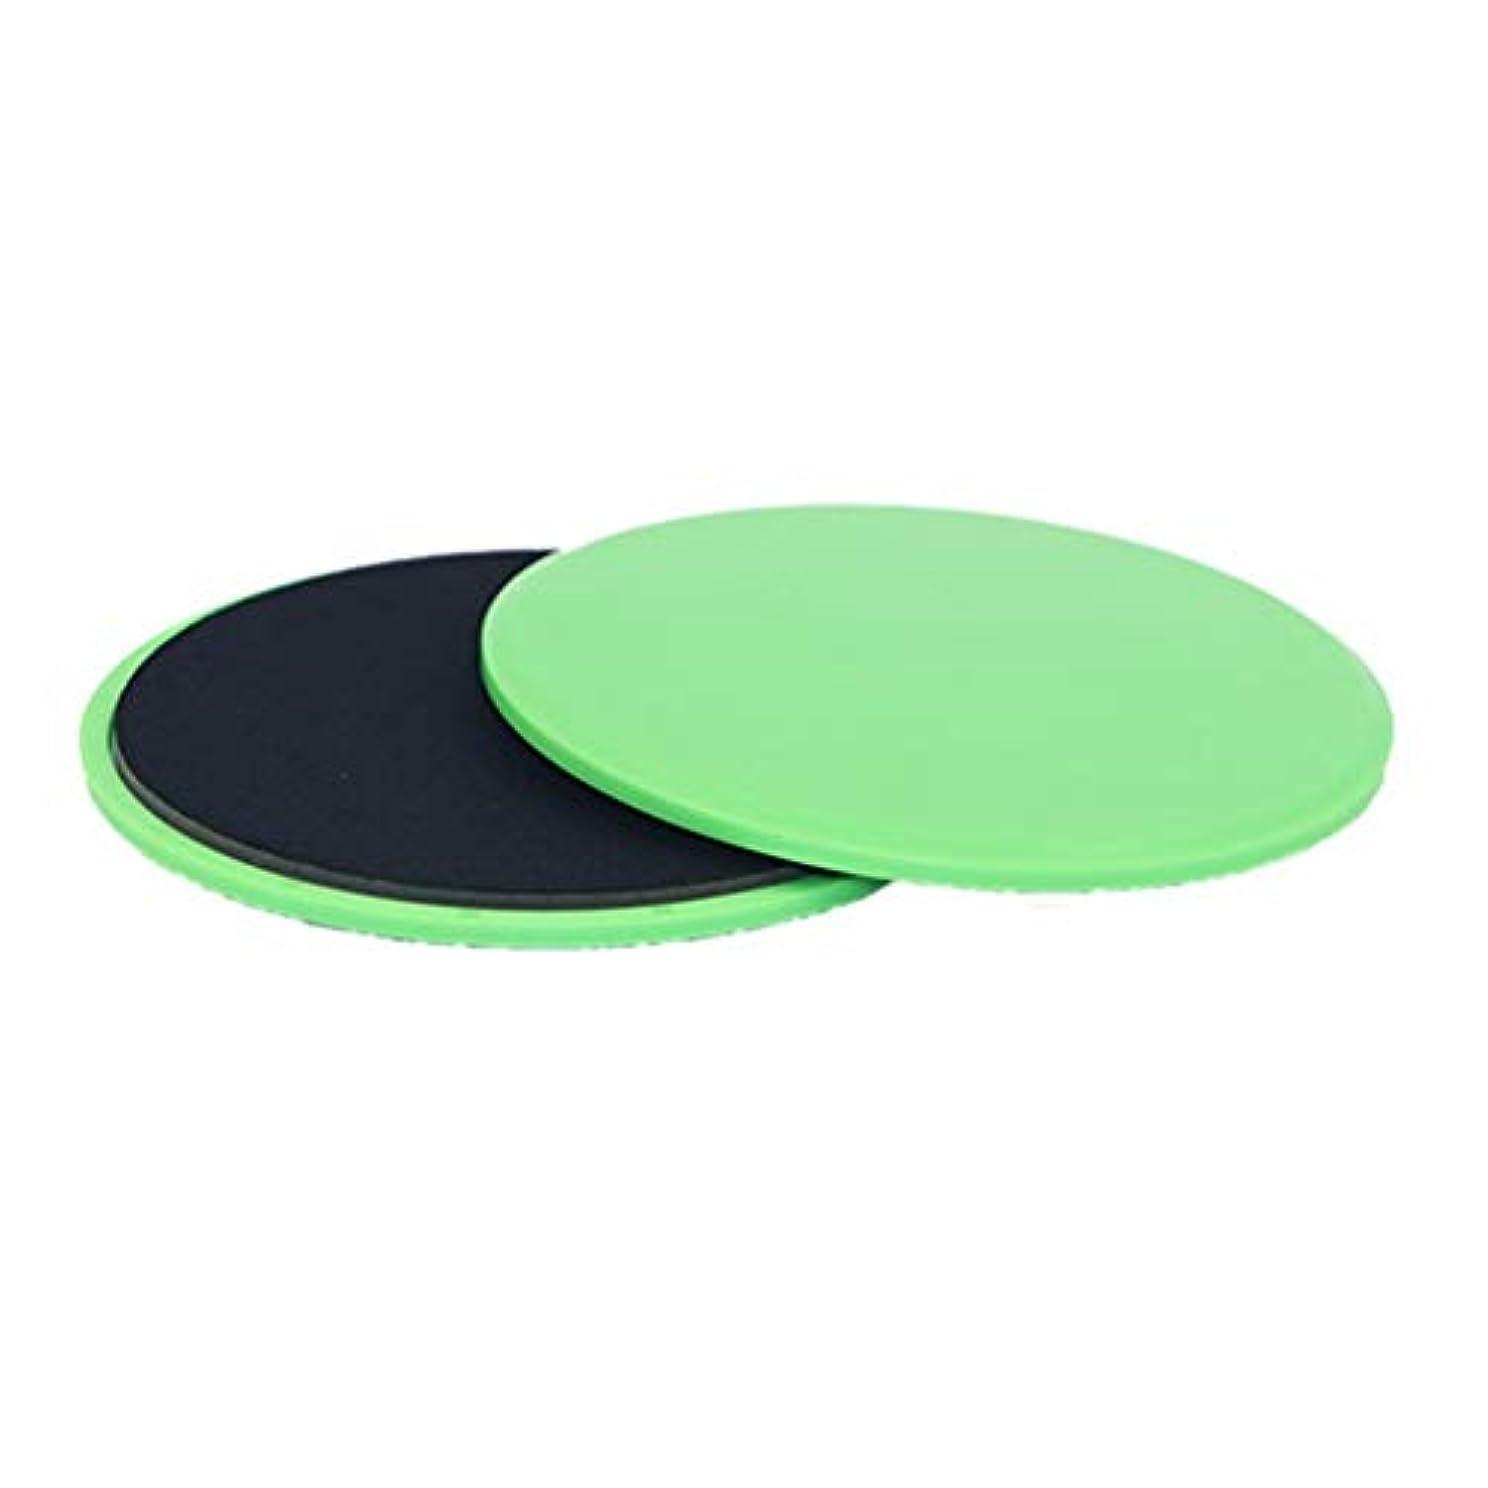 まっすぐにする啓示刺繍フィットネススライドグライディングディスクコーディネーション能力フィットネスエクササイズスライダーコアトレーニング用腹部と全身トレーニング - グリーン